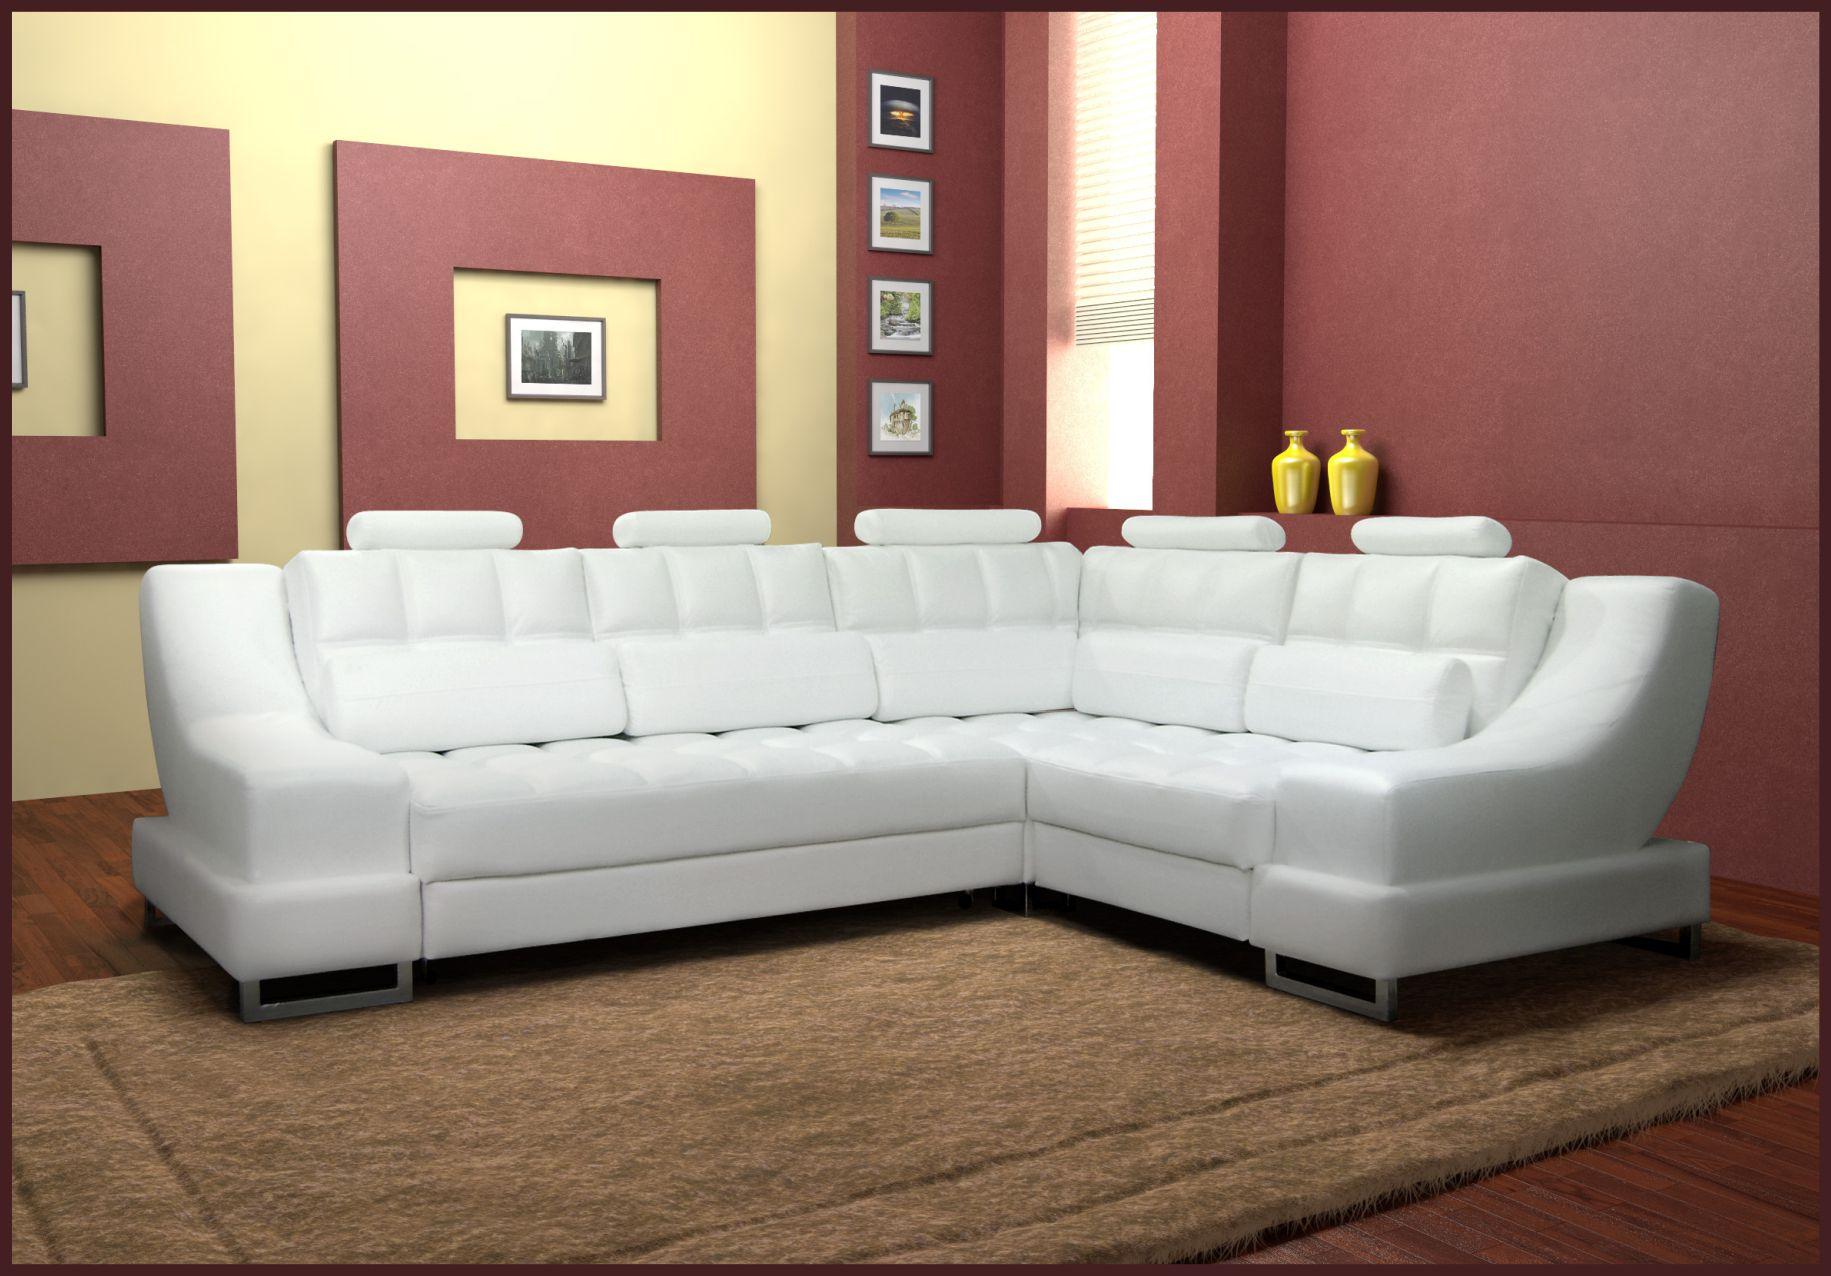 Интернет магазин мягкой мебели каталог выгодных цен от производителя с  доставкой Otherlife Ульяновск - OtherLife